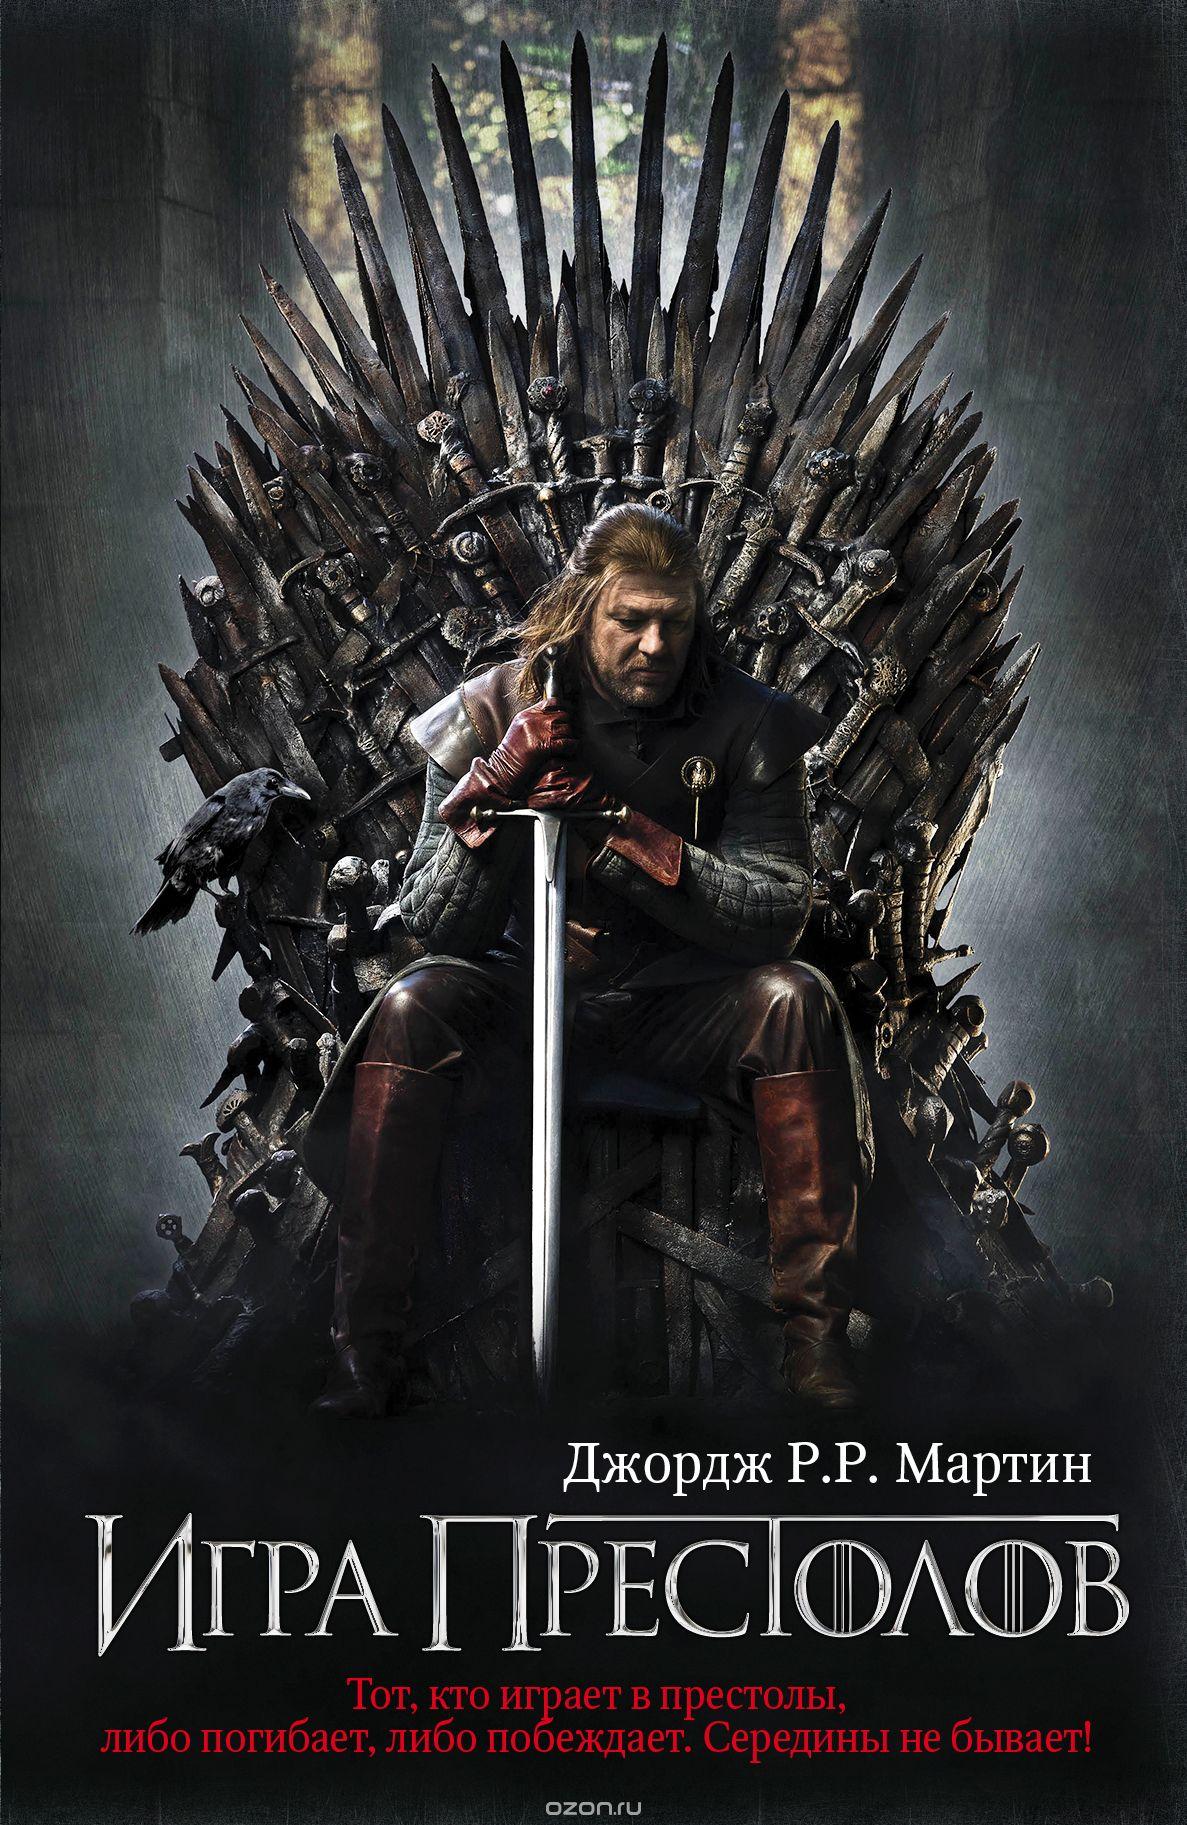 Книга битва престолов скачать бесплатно